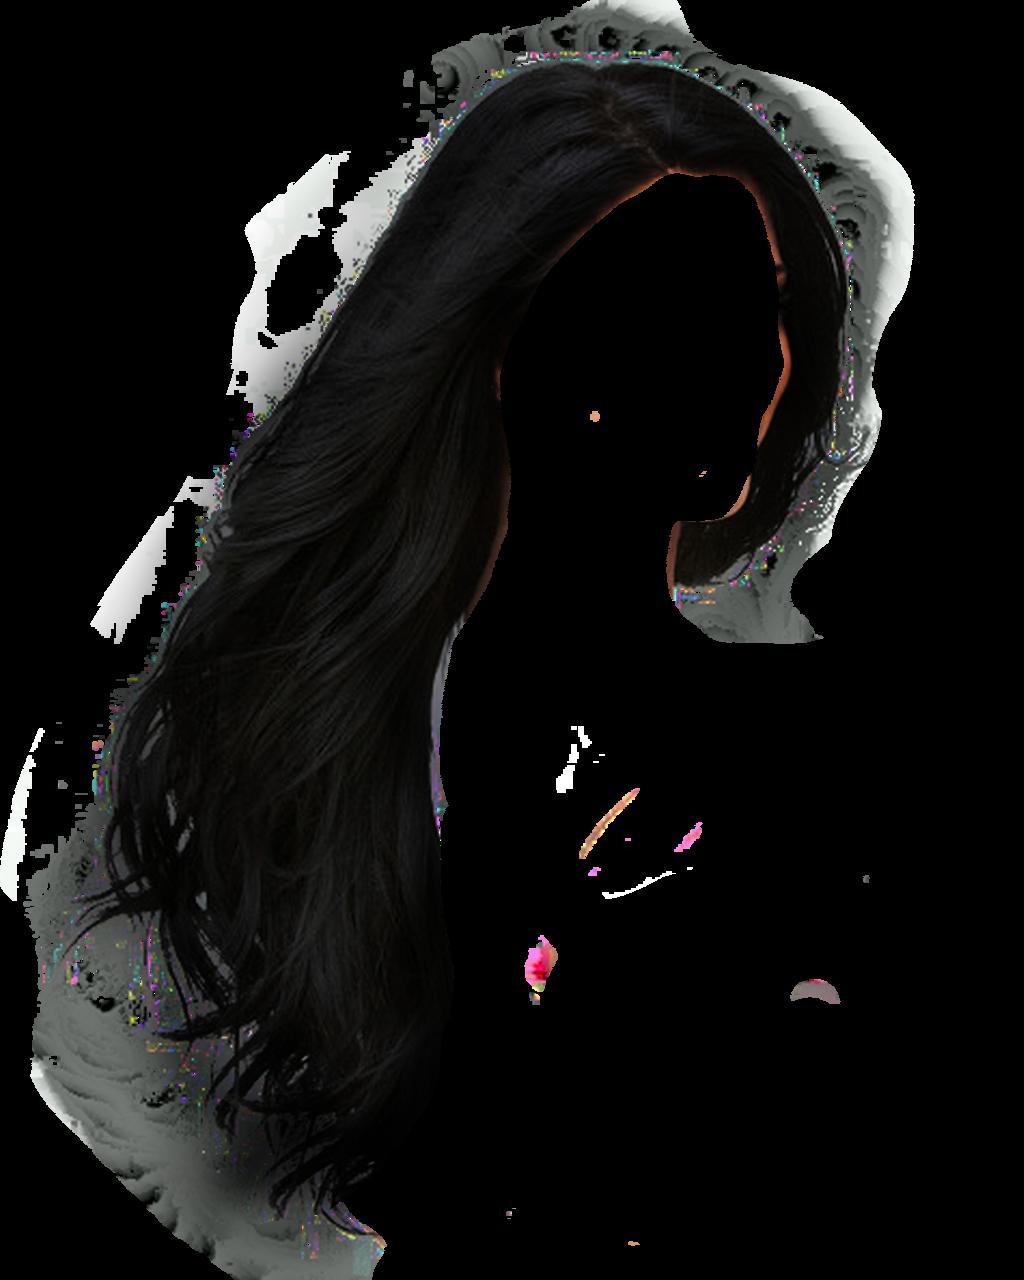 Long Hair Png Image #26040 - Hair PNG